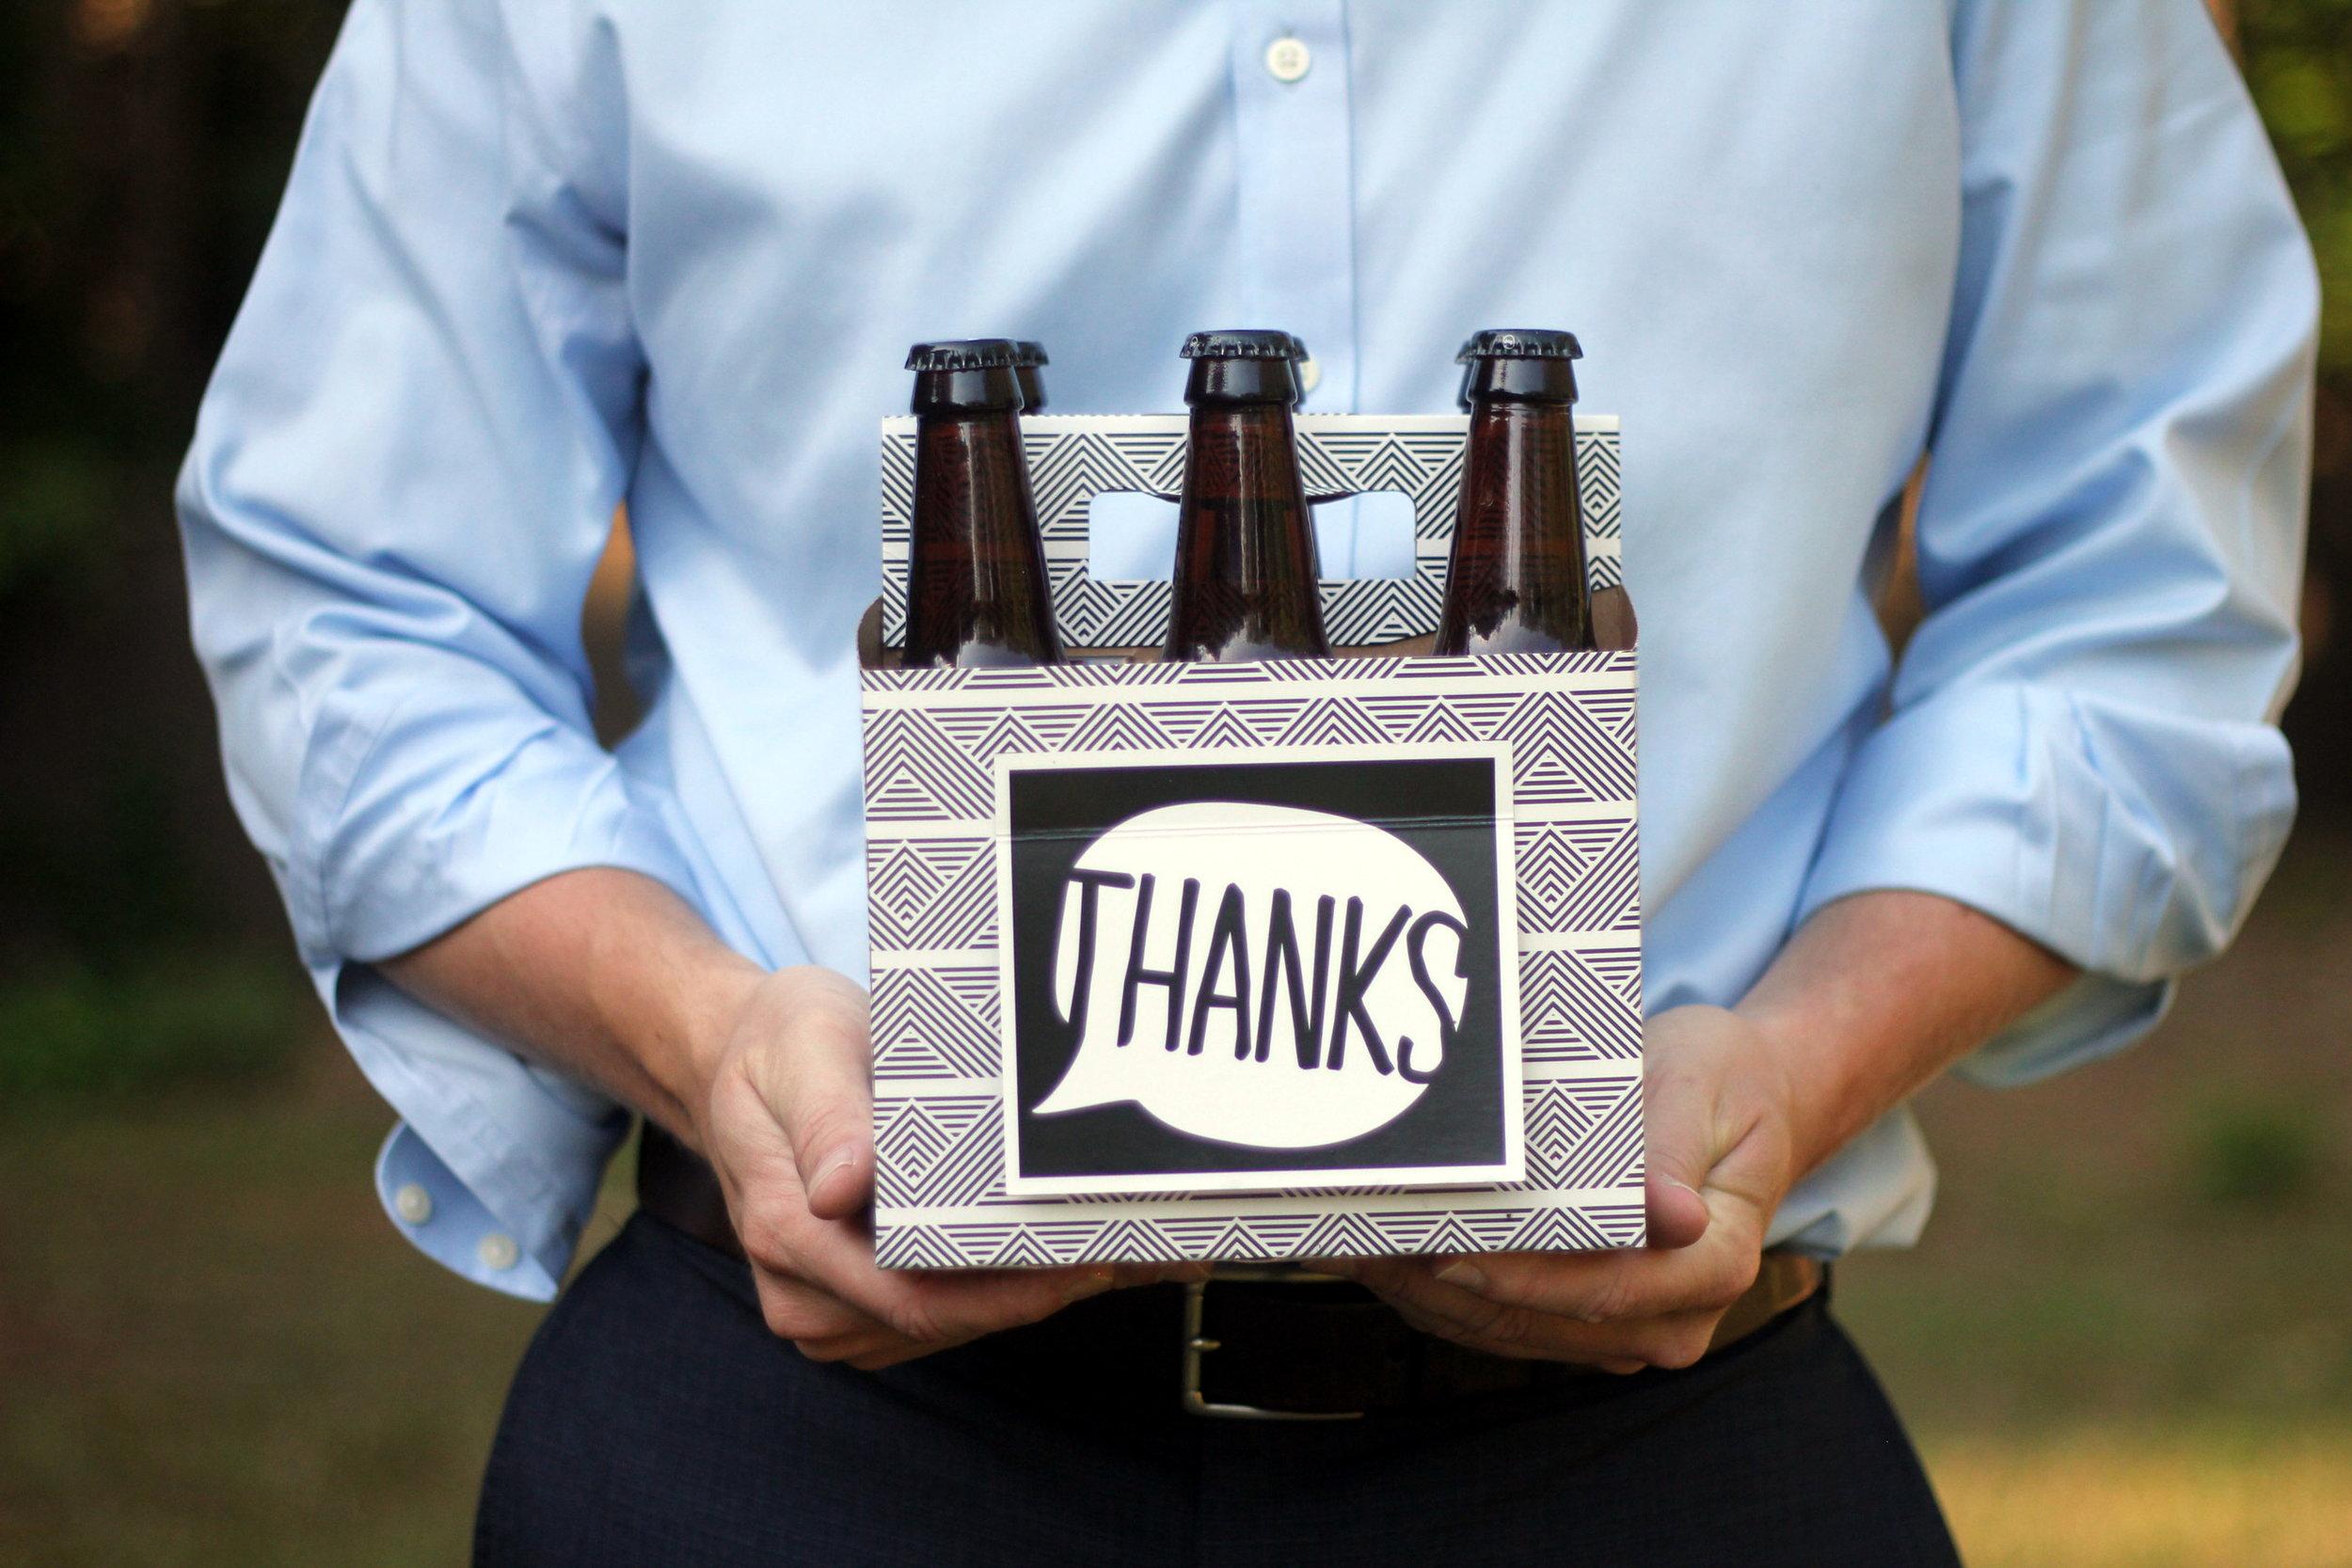 Beer_Greetings_Thanks_Give_Beer.JPG